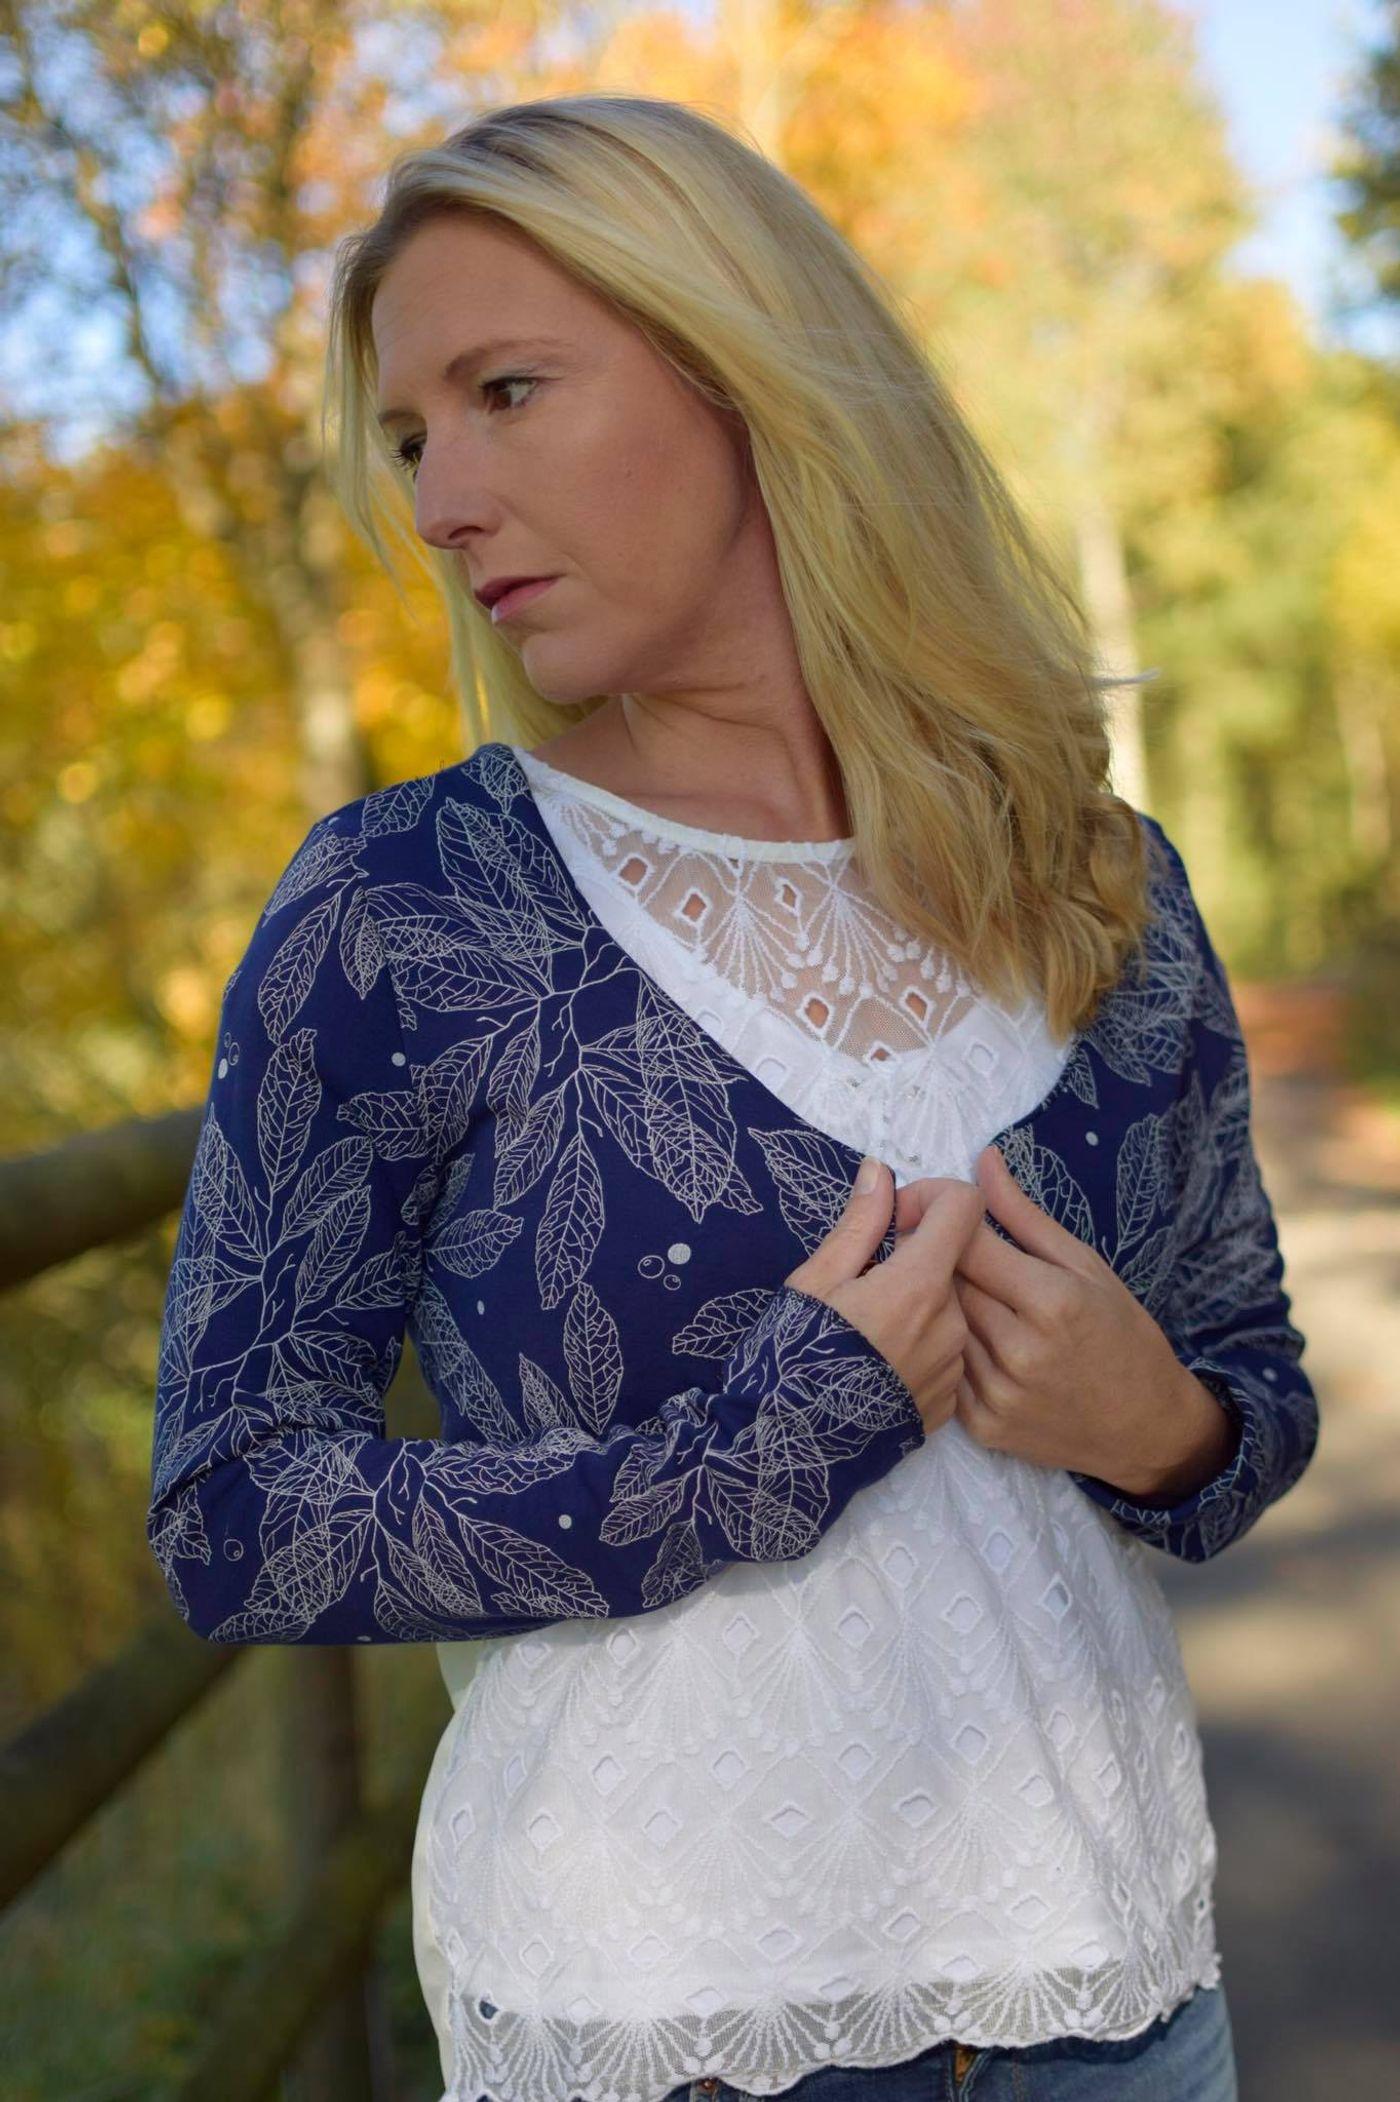 Produktfoto 5 von Katiela für Schnittmuster Ebook Boho Bolero Frauen und Mädchen